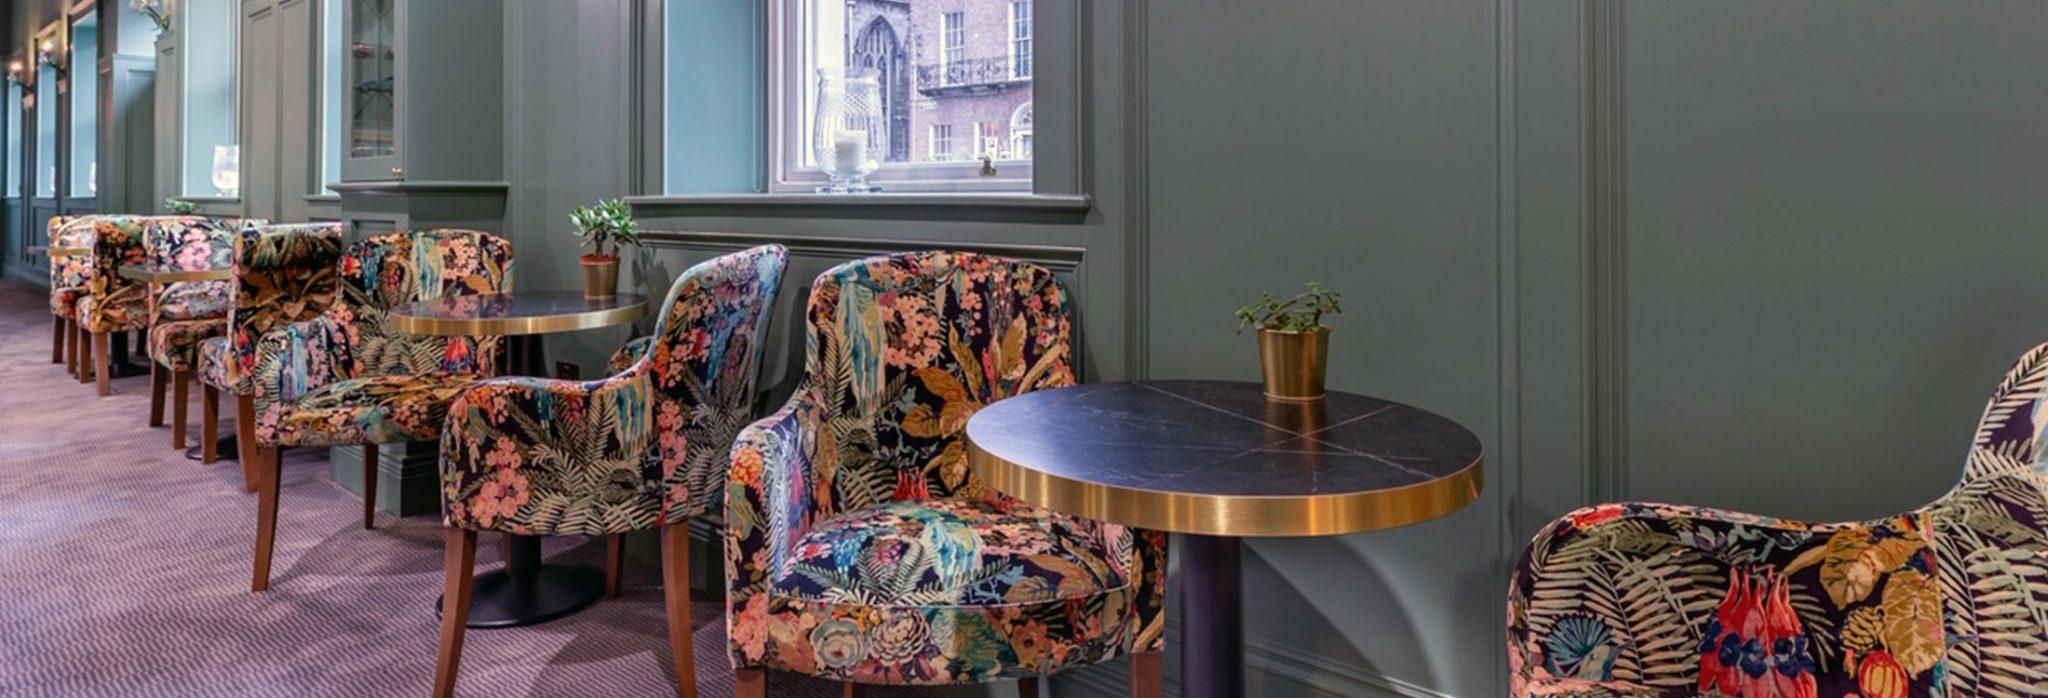 Irish hotel stays